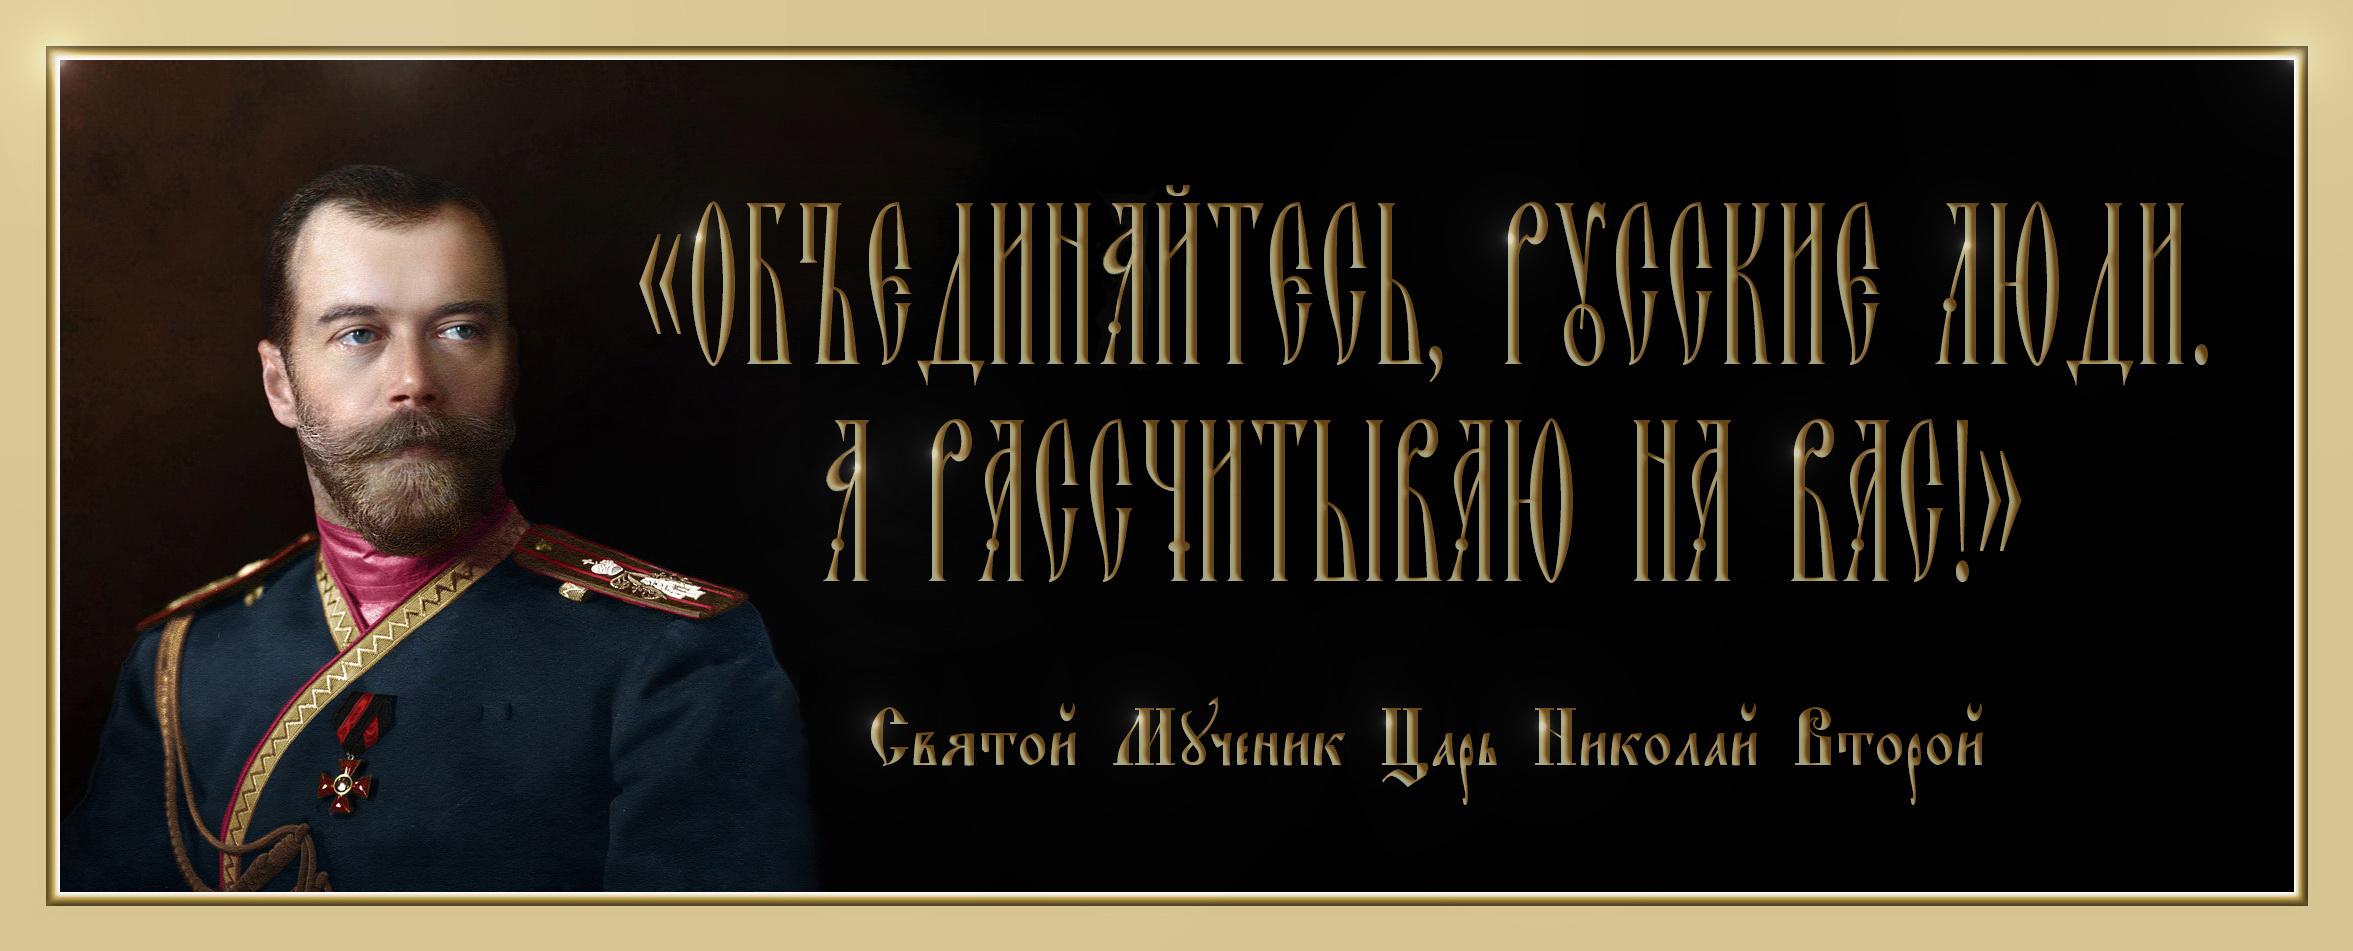 Царь Николай II - Страница 6 25347_original